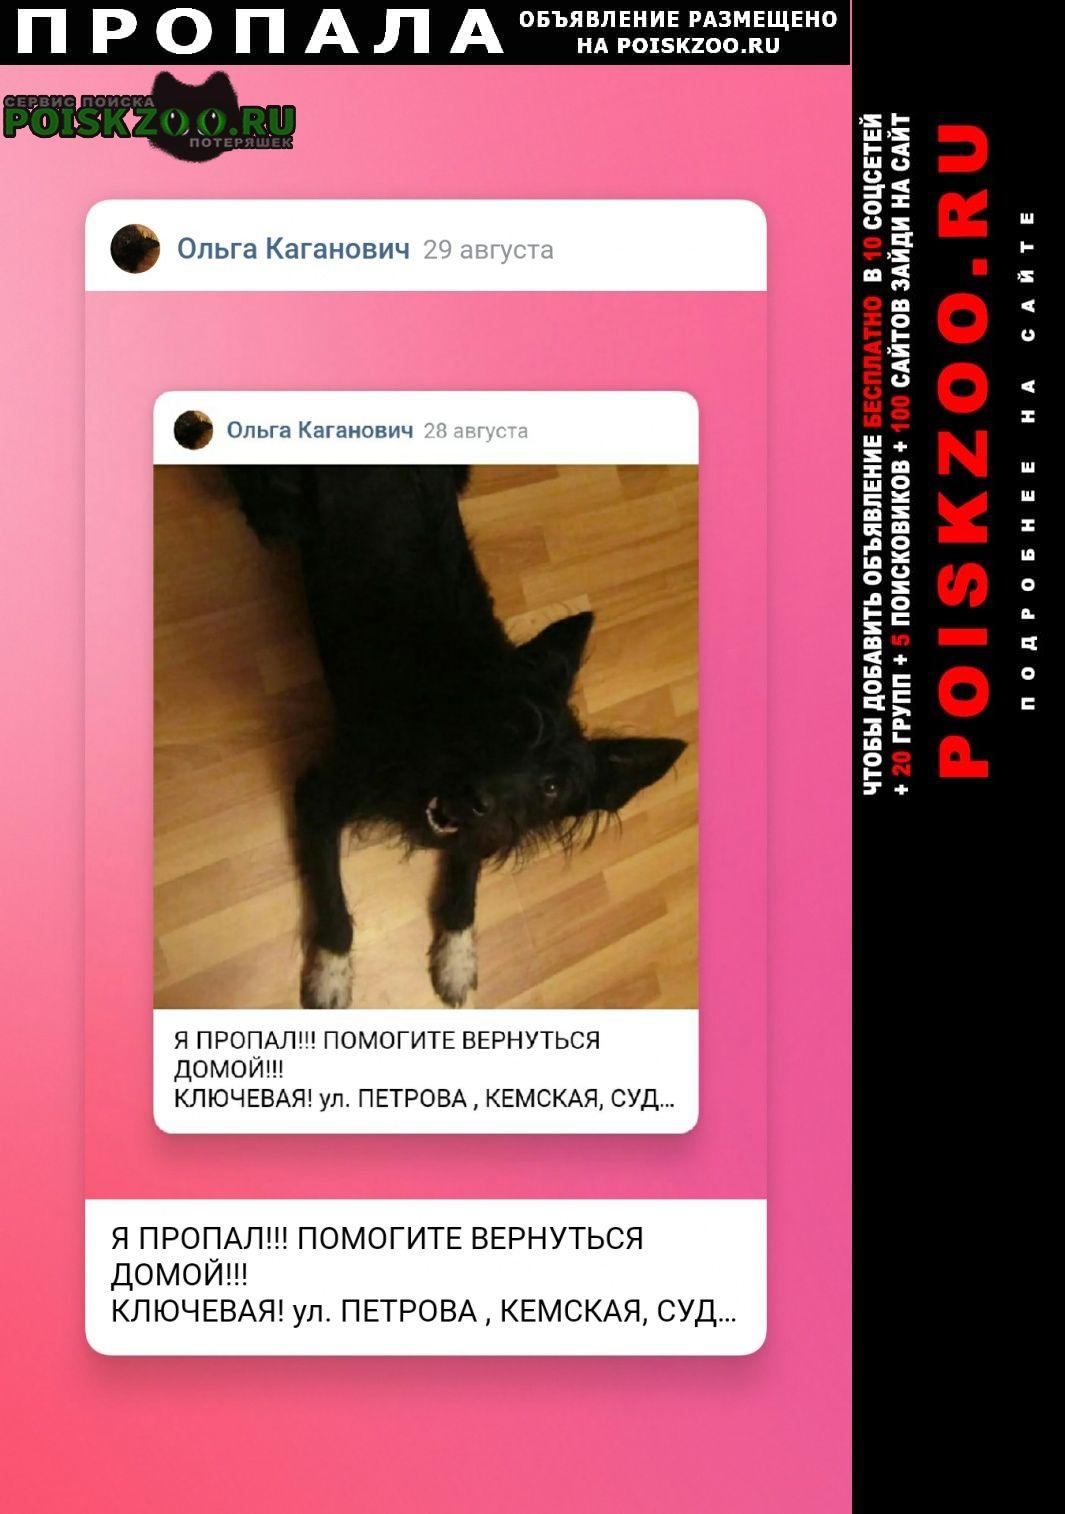 Пропала собака кобель я помогите прийти домой Петрозаводск